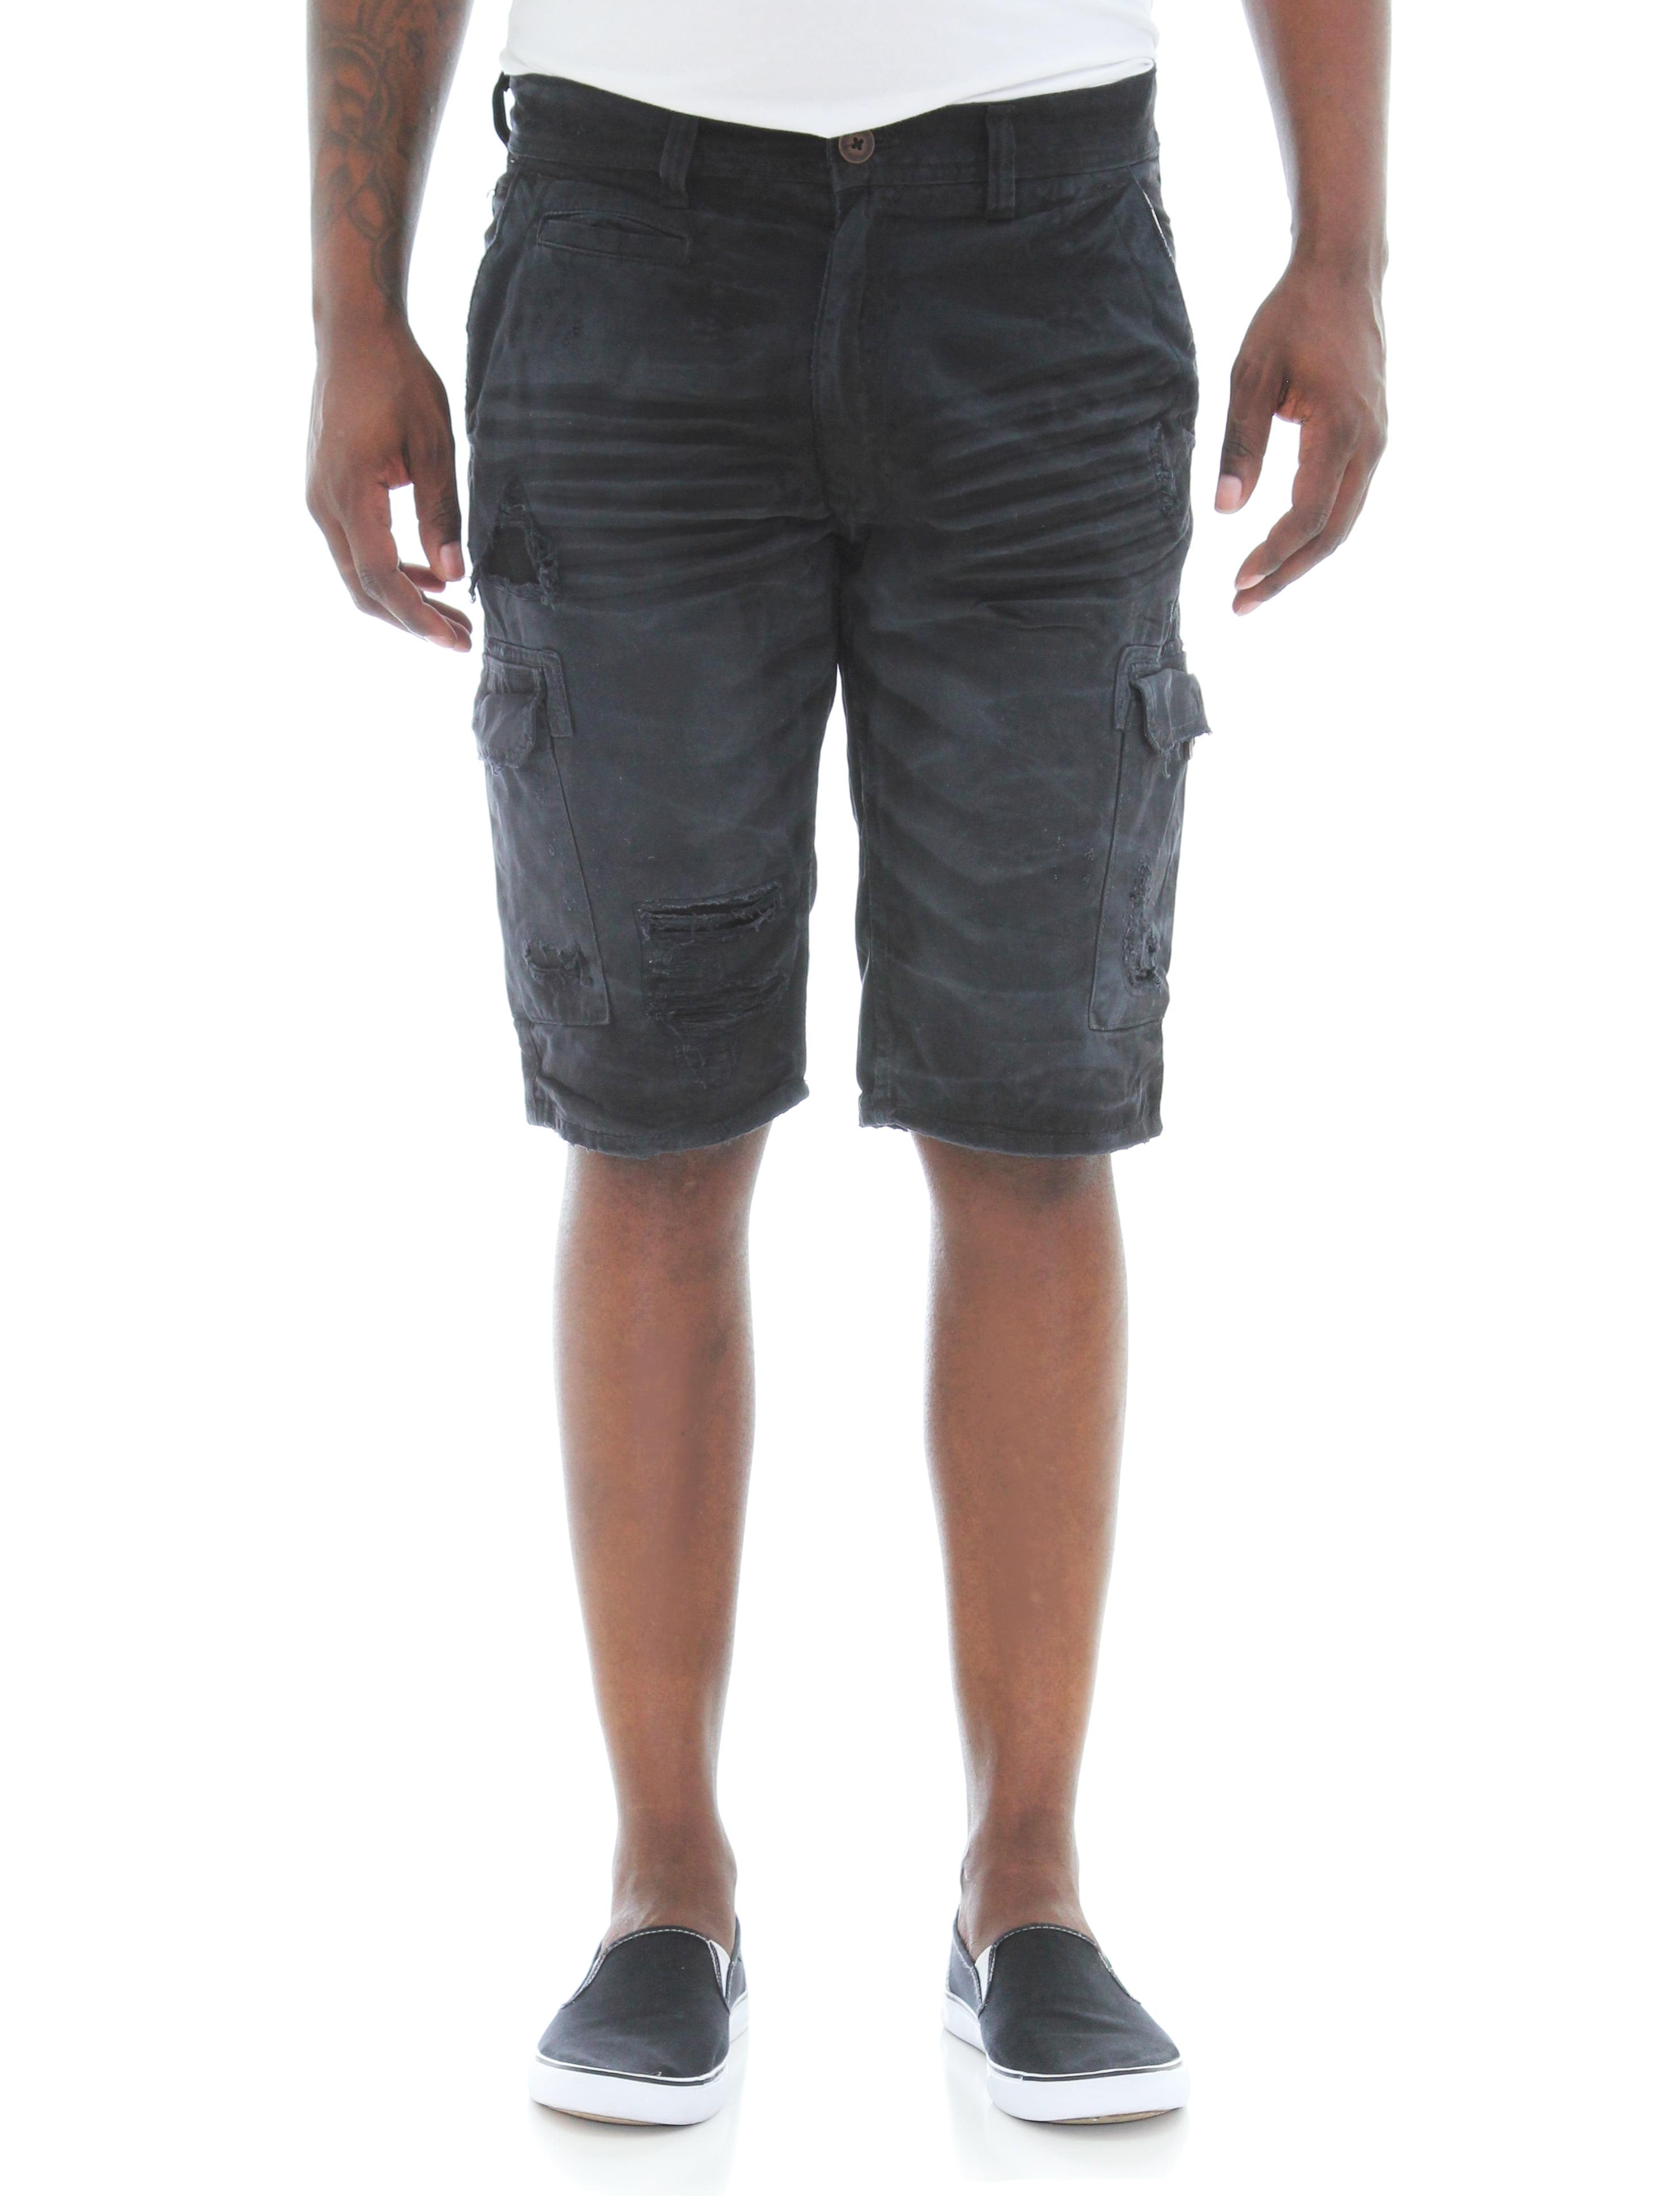 2d8e3cd3e4 Jordan Craig - Jordan Craig Men's Flat Front Ripped Twill Cargo Shorts -  Walmart.com